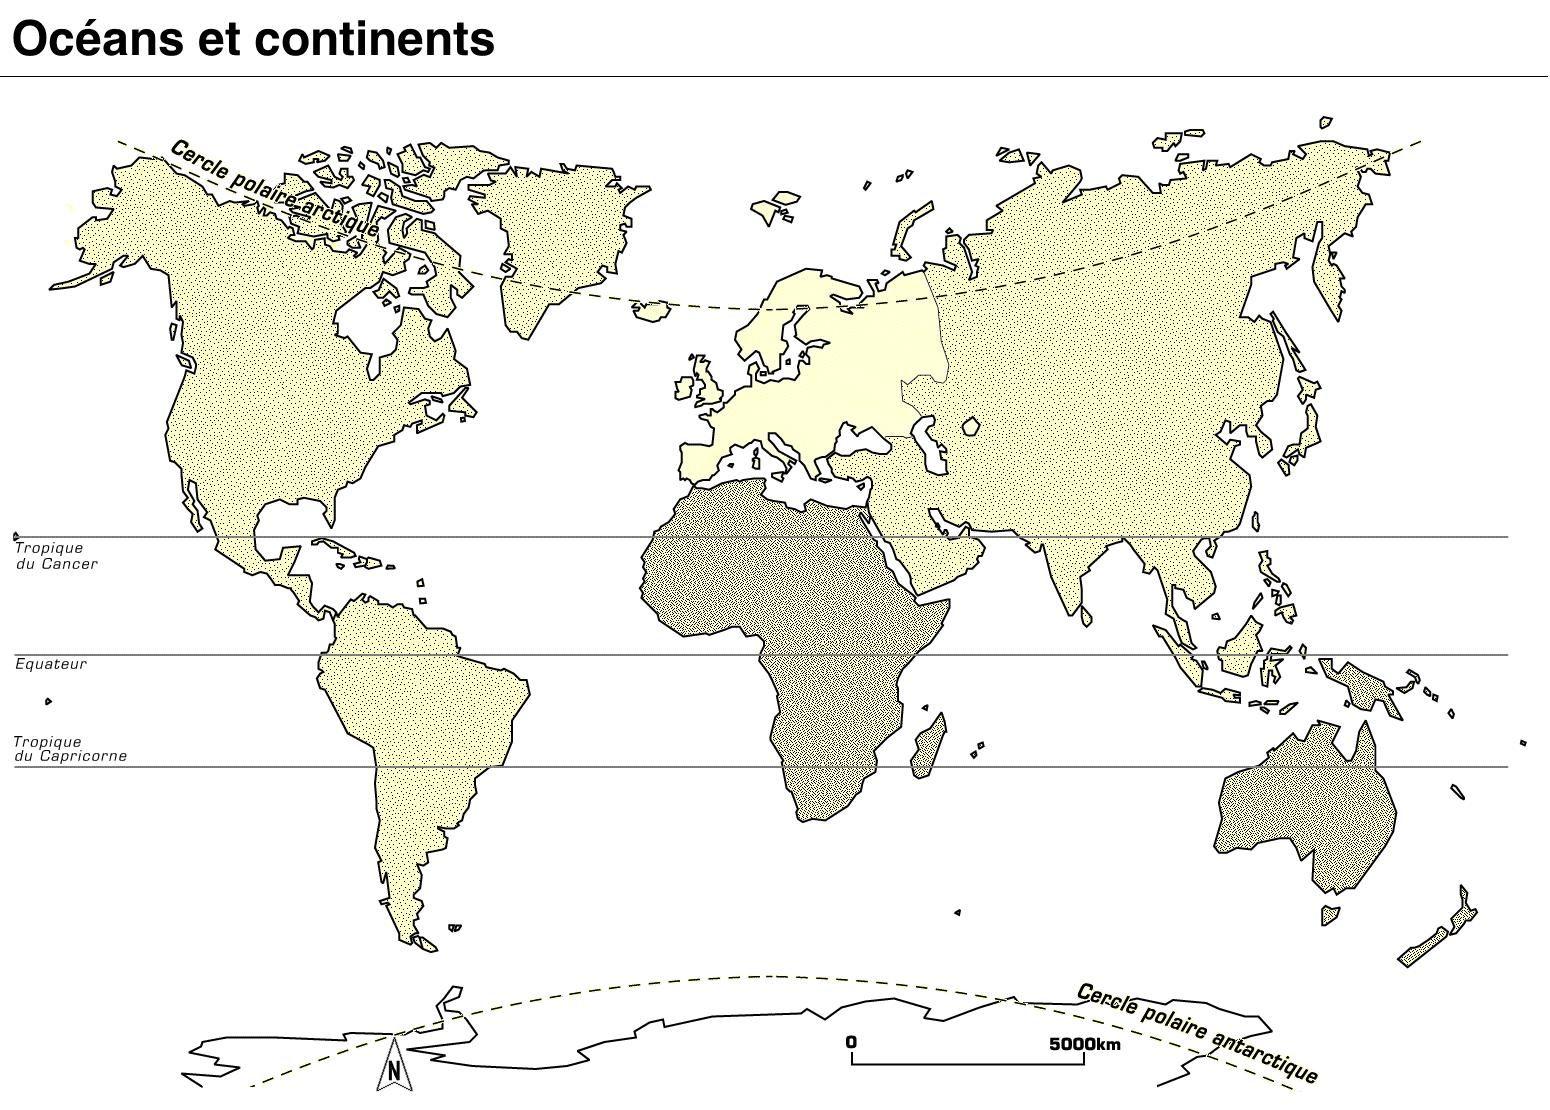 Carte Des Continents Et Océans Vierge Tonaartsenfotografie